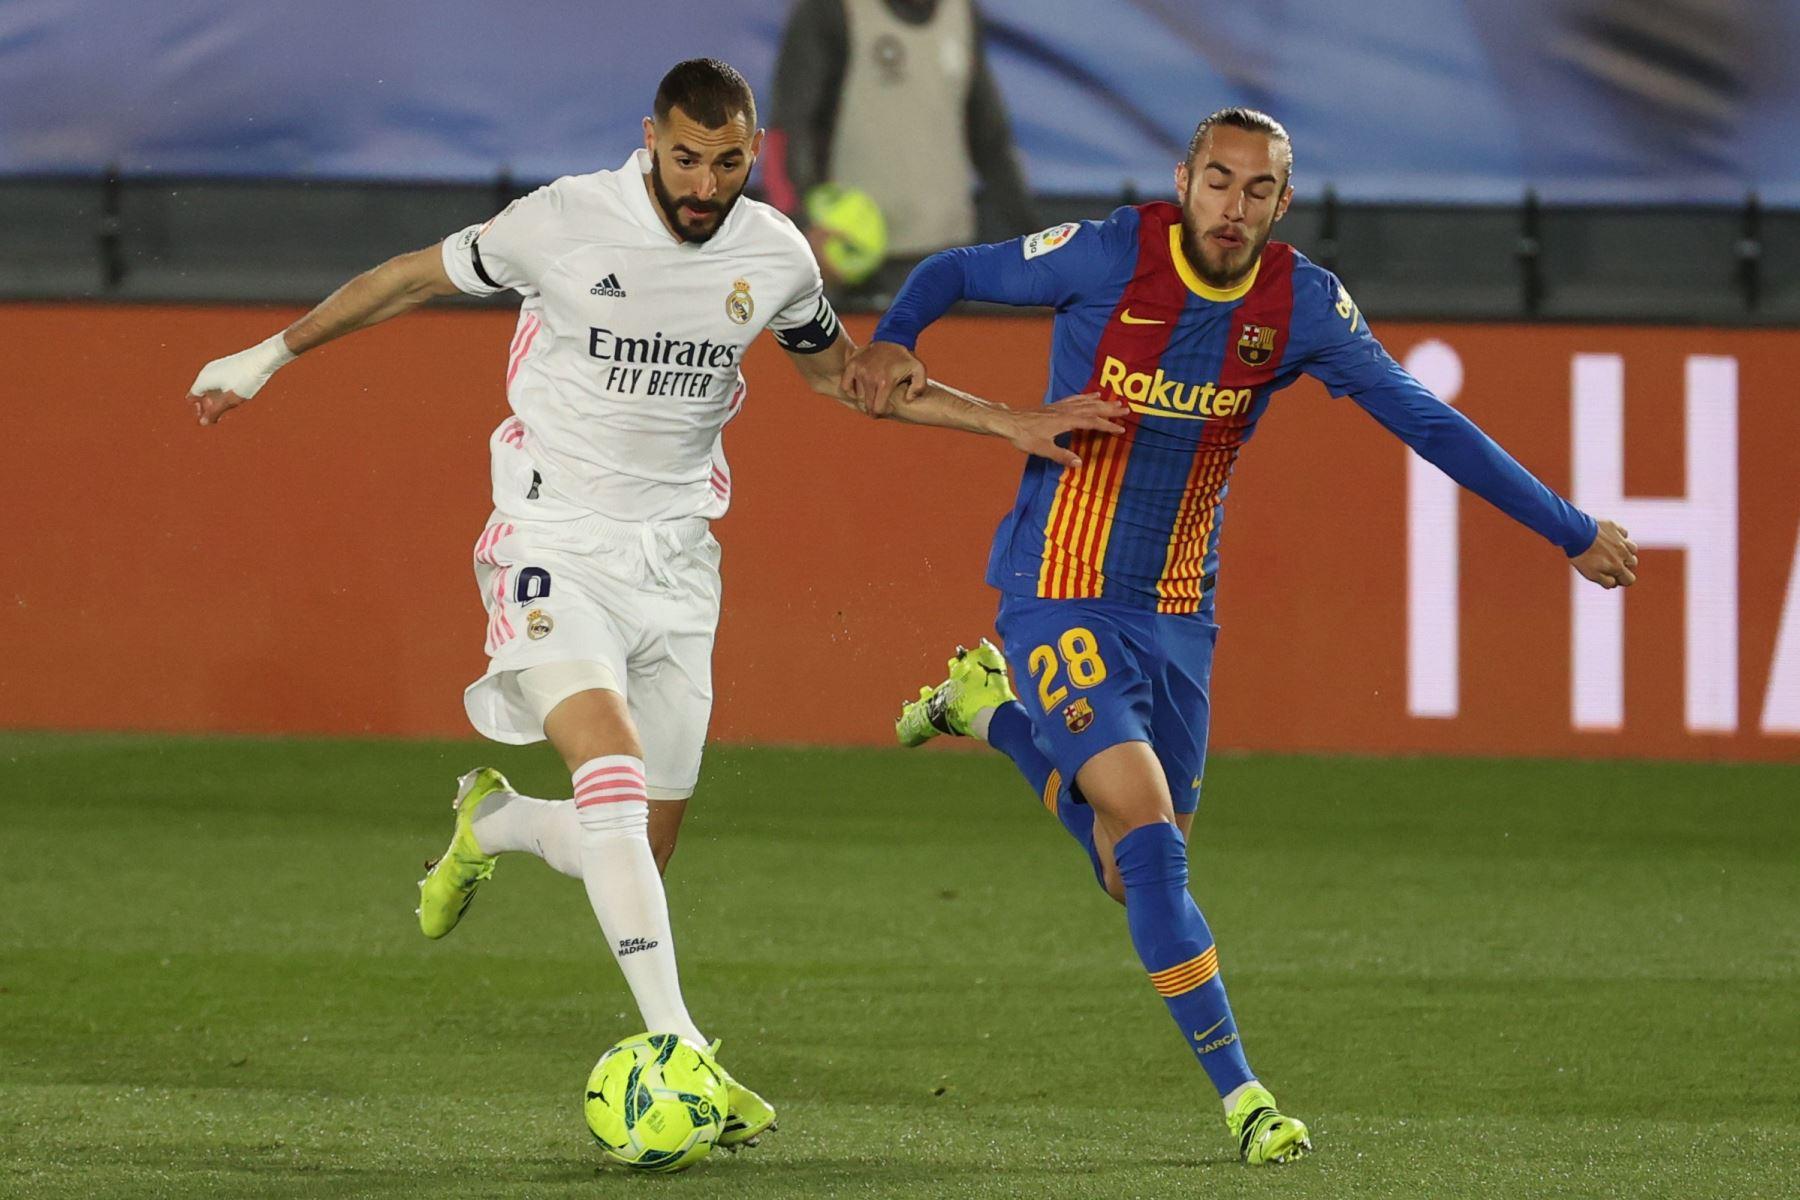 El delantero francés del Real Madrid, Karim Benzema , conduce el balón ante el defensa del FC Barcelona, Óscar Mingueza, durante el encuentro correspondiente a la jornada 30 de primera división. Foto: EFE